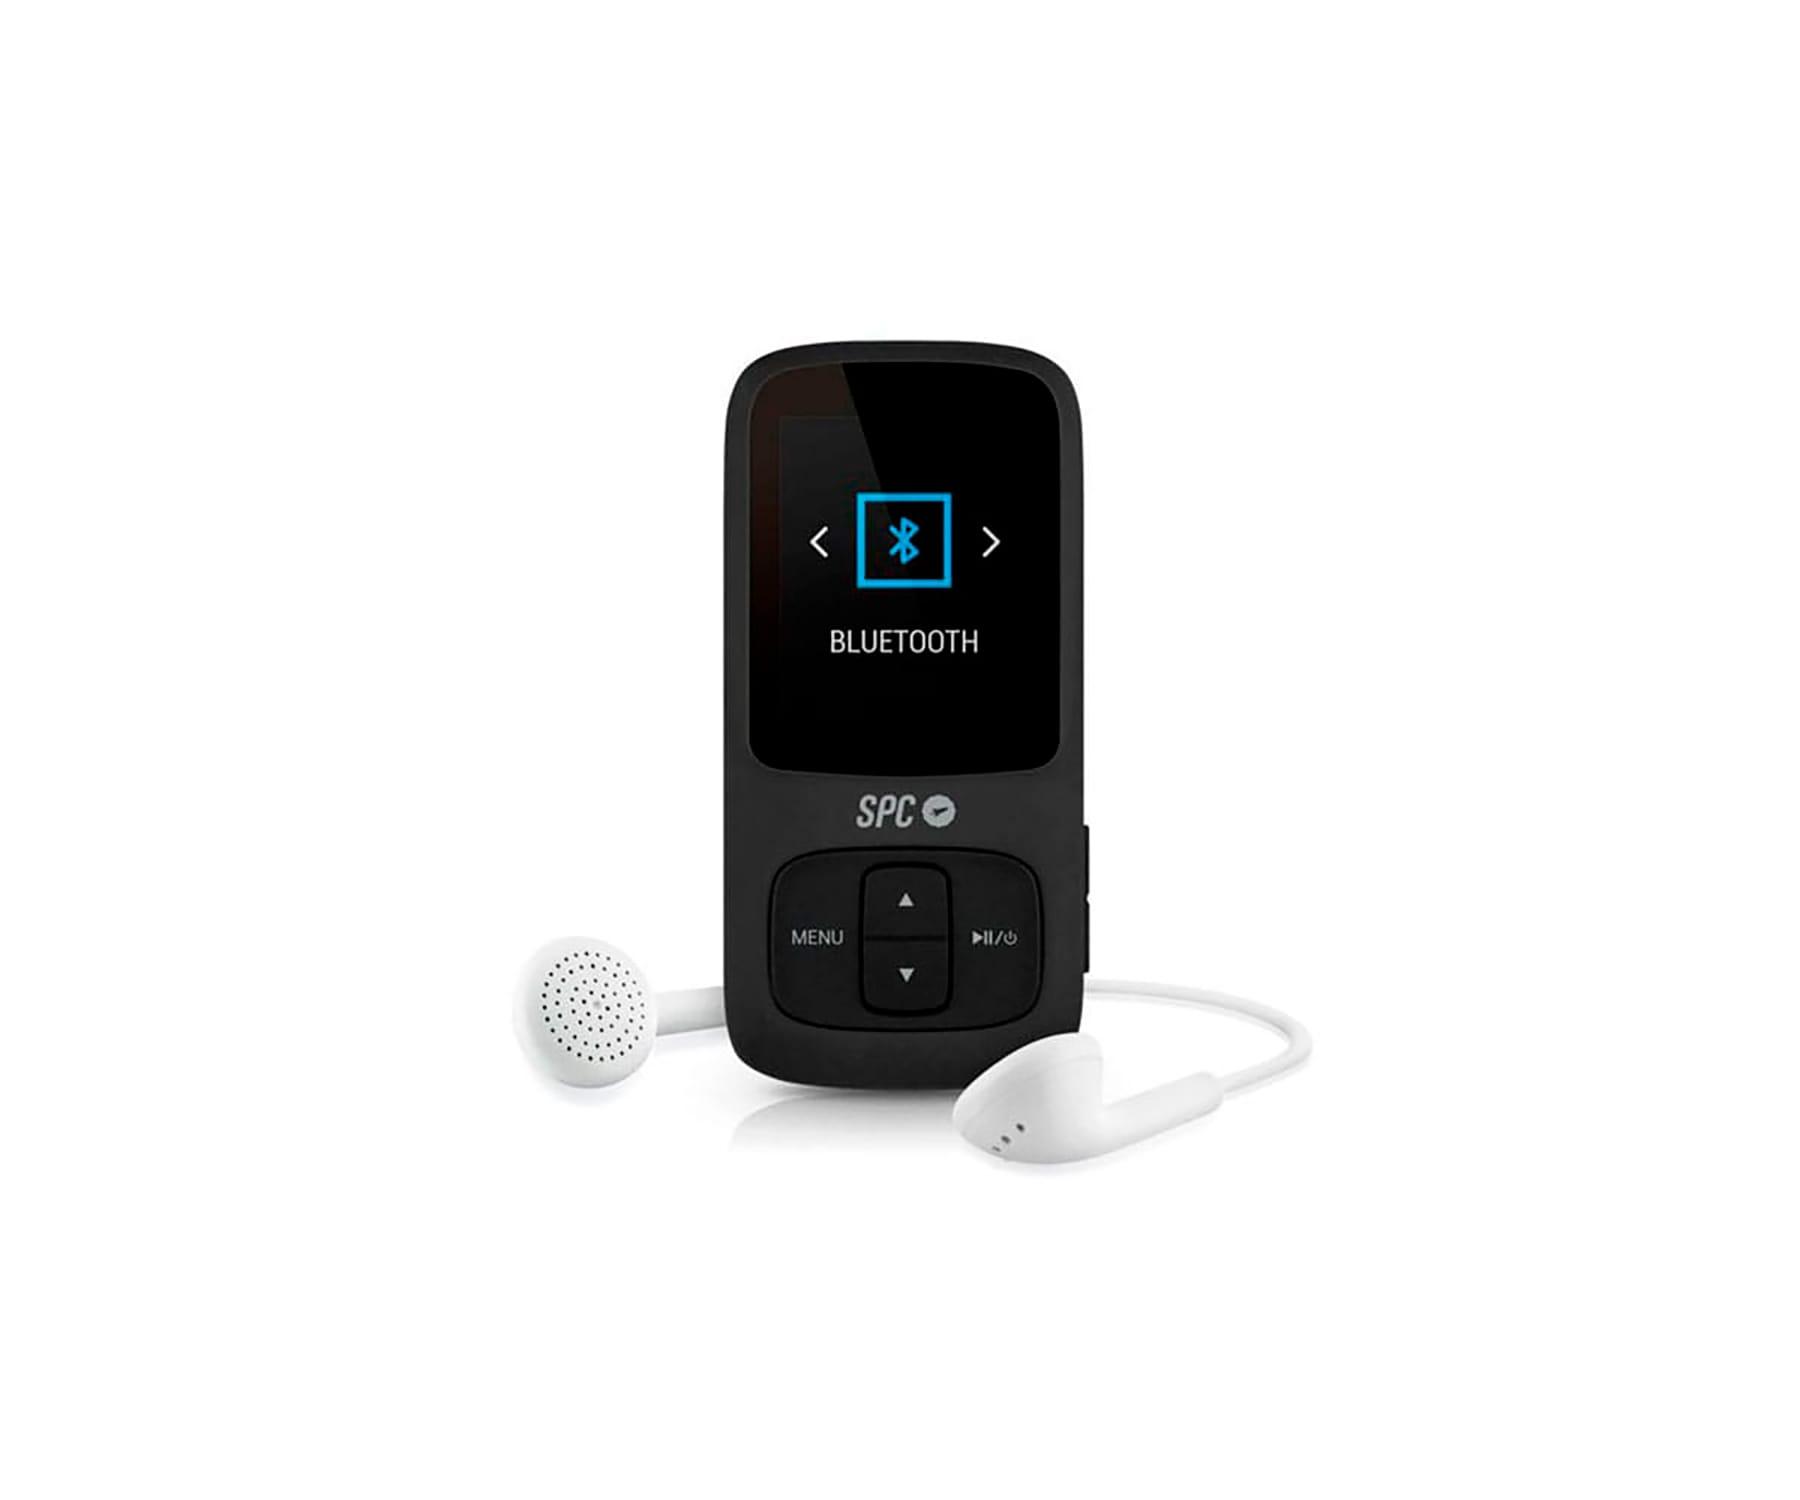 SPC BLUESOUND 8578 NEGRO REPRODUCTOR MP3 1.8'' CON BLUETOOTH 8GB